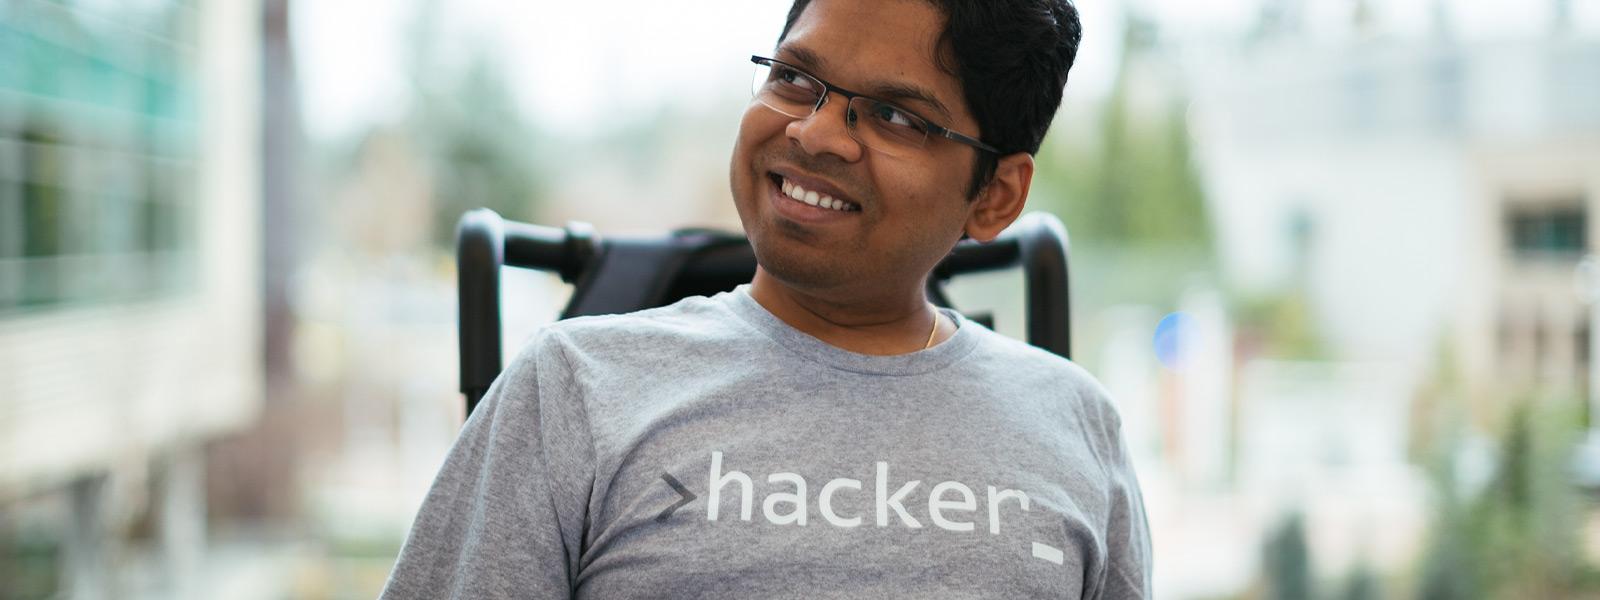 一名男子坐在輪椅上微笑